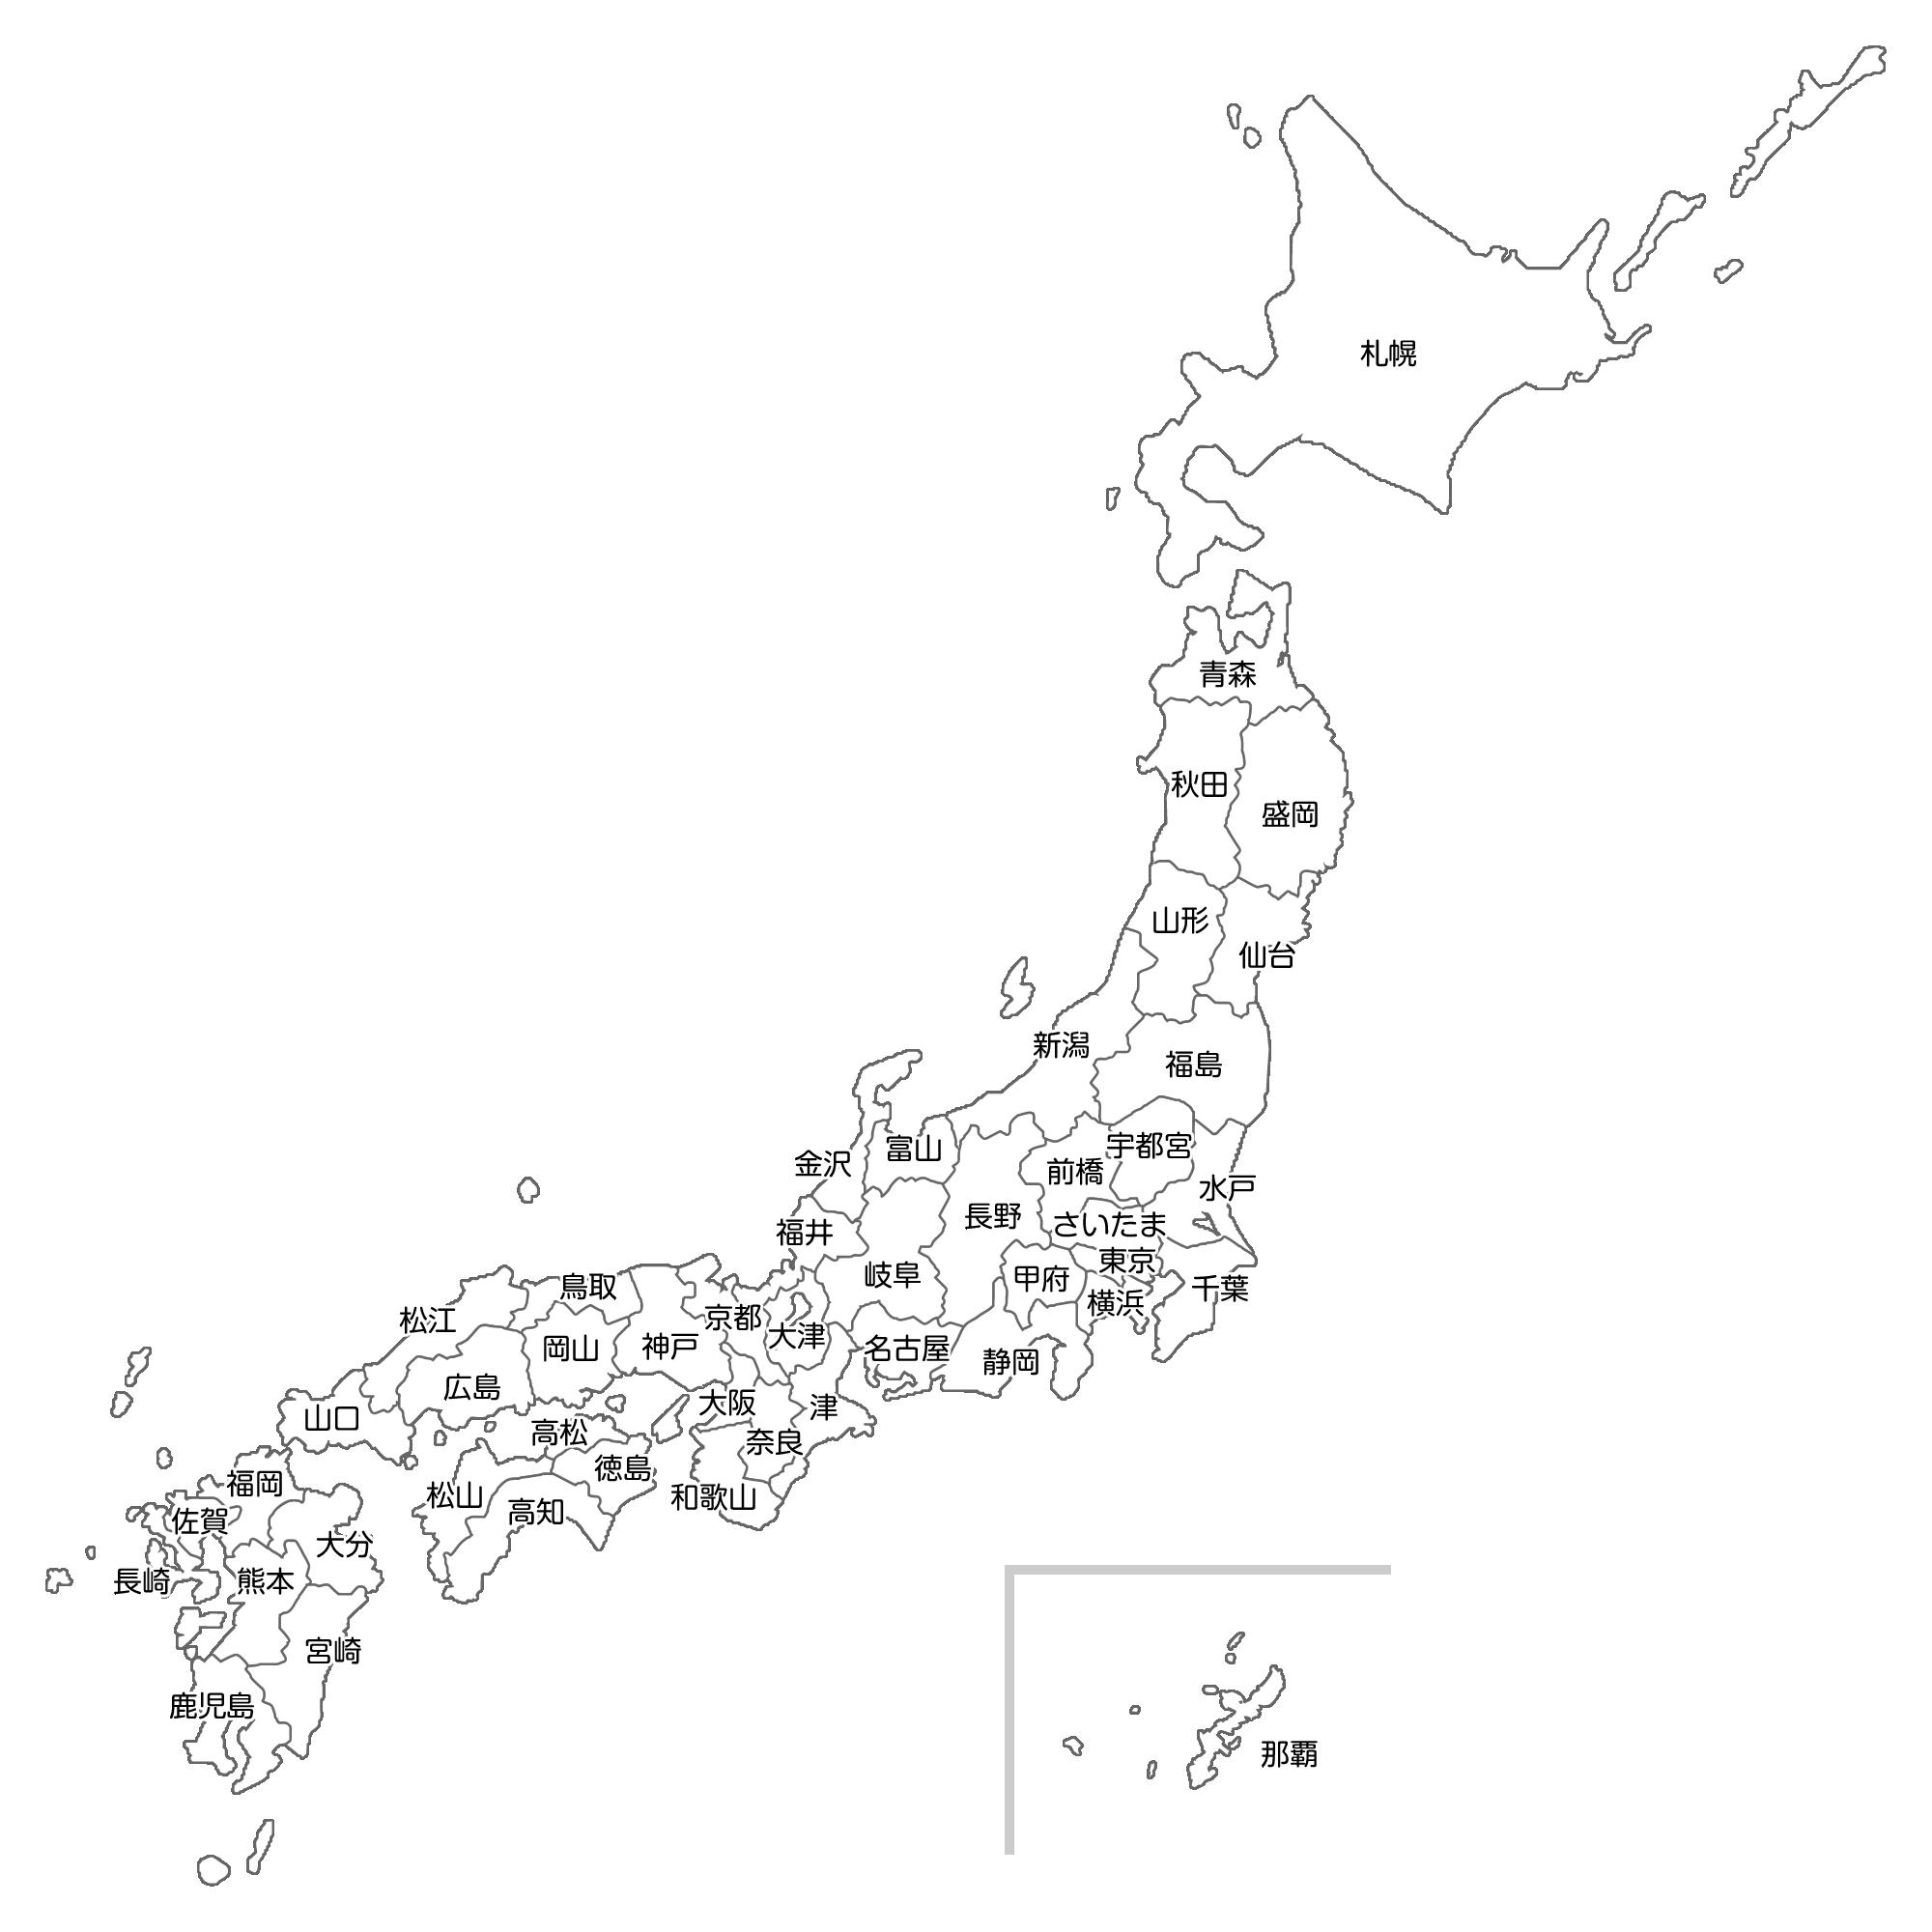 【県庁所在地名入り】日本地図(白地図)のイラスト画像